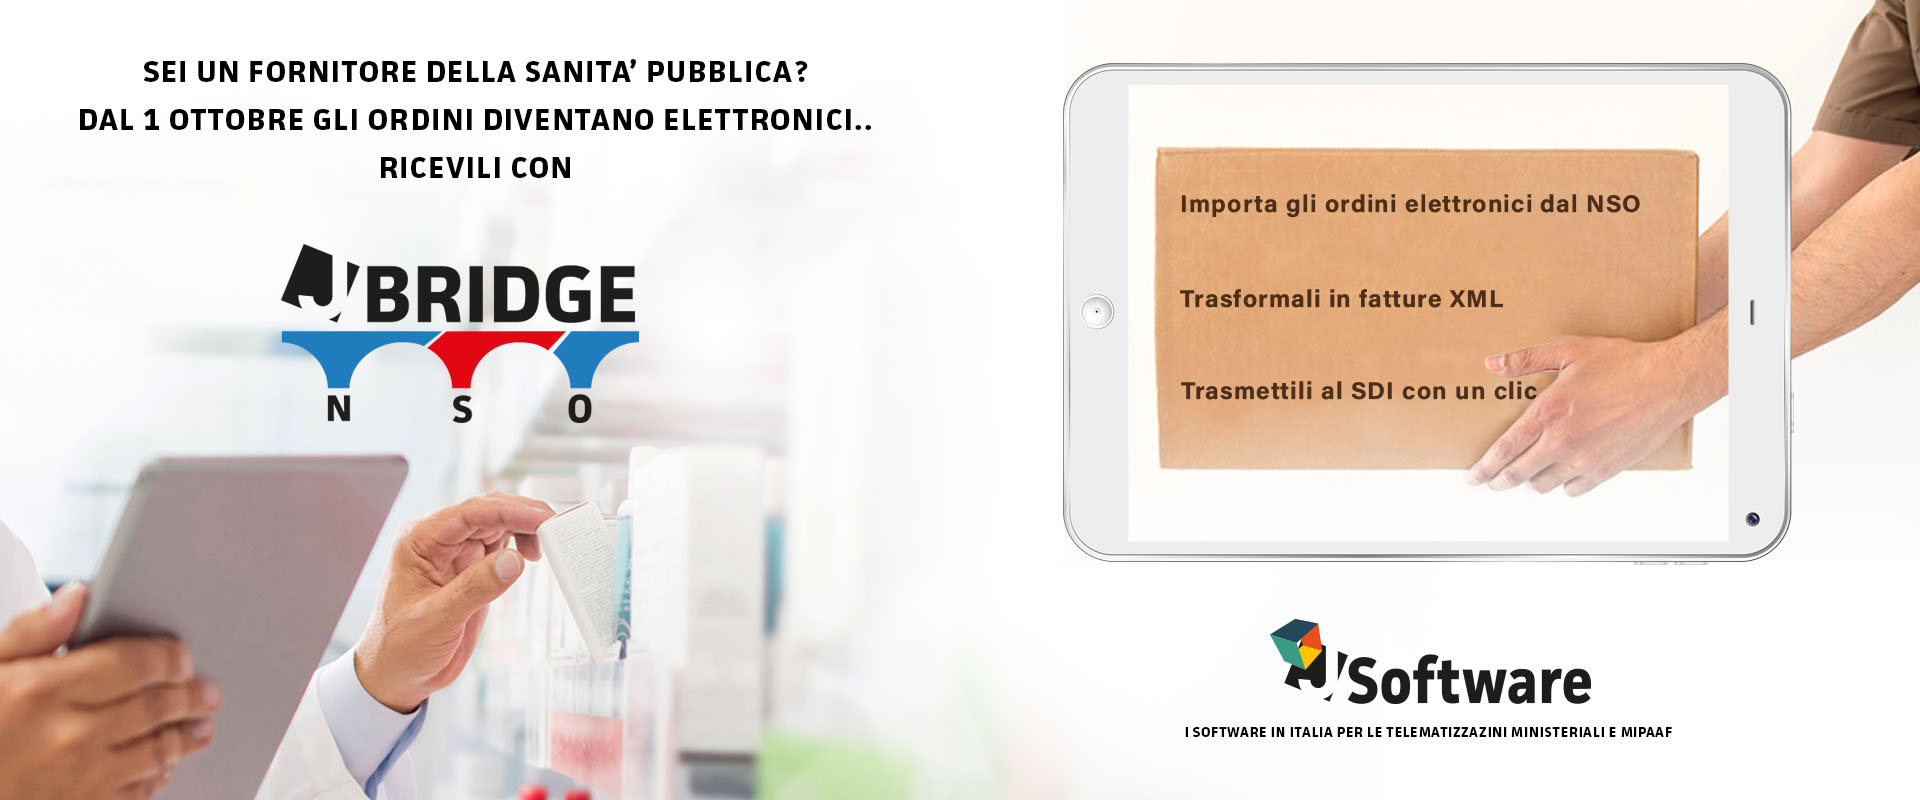 J-BRIDGE NSO – Ordini elettronici dalla Sanita' Pubblica